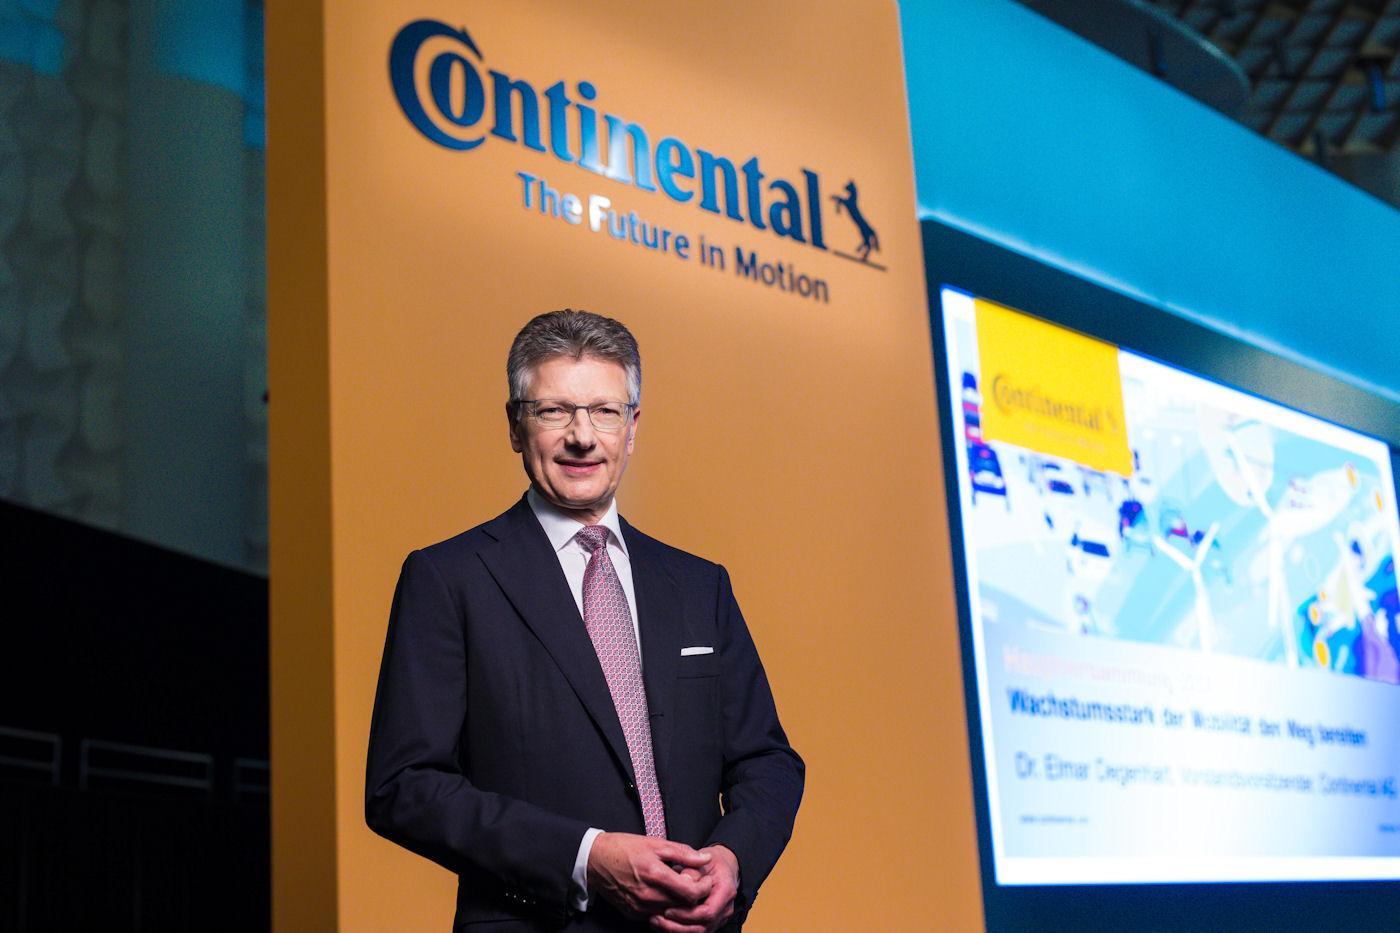 Председатель правления концерна Continental призвал к справедливой свободной торговле